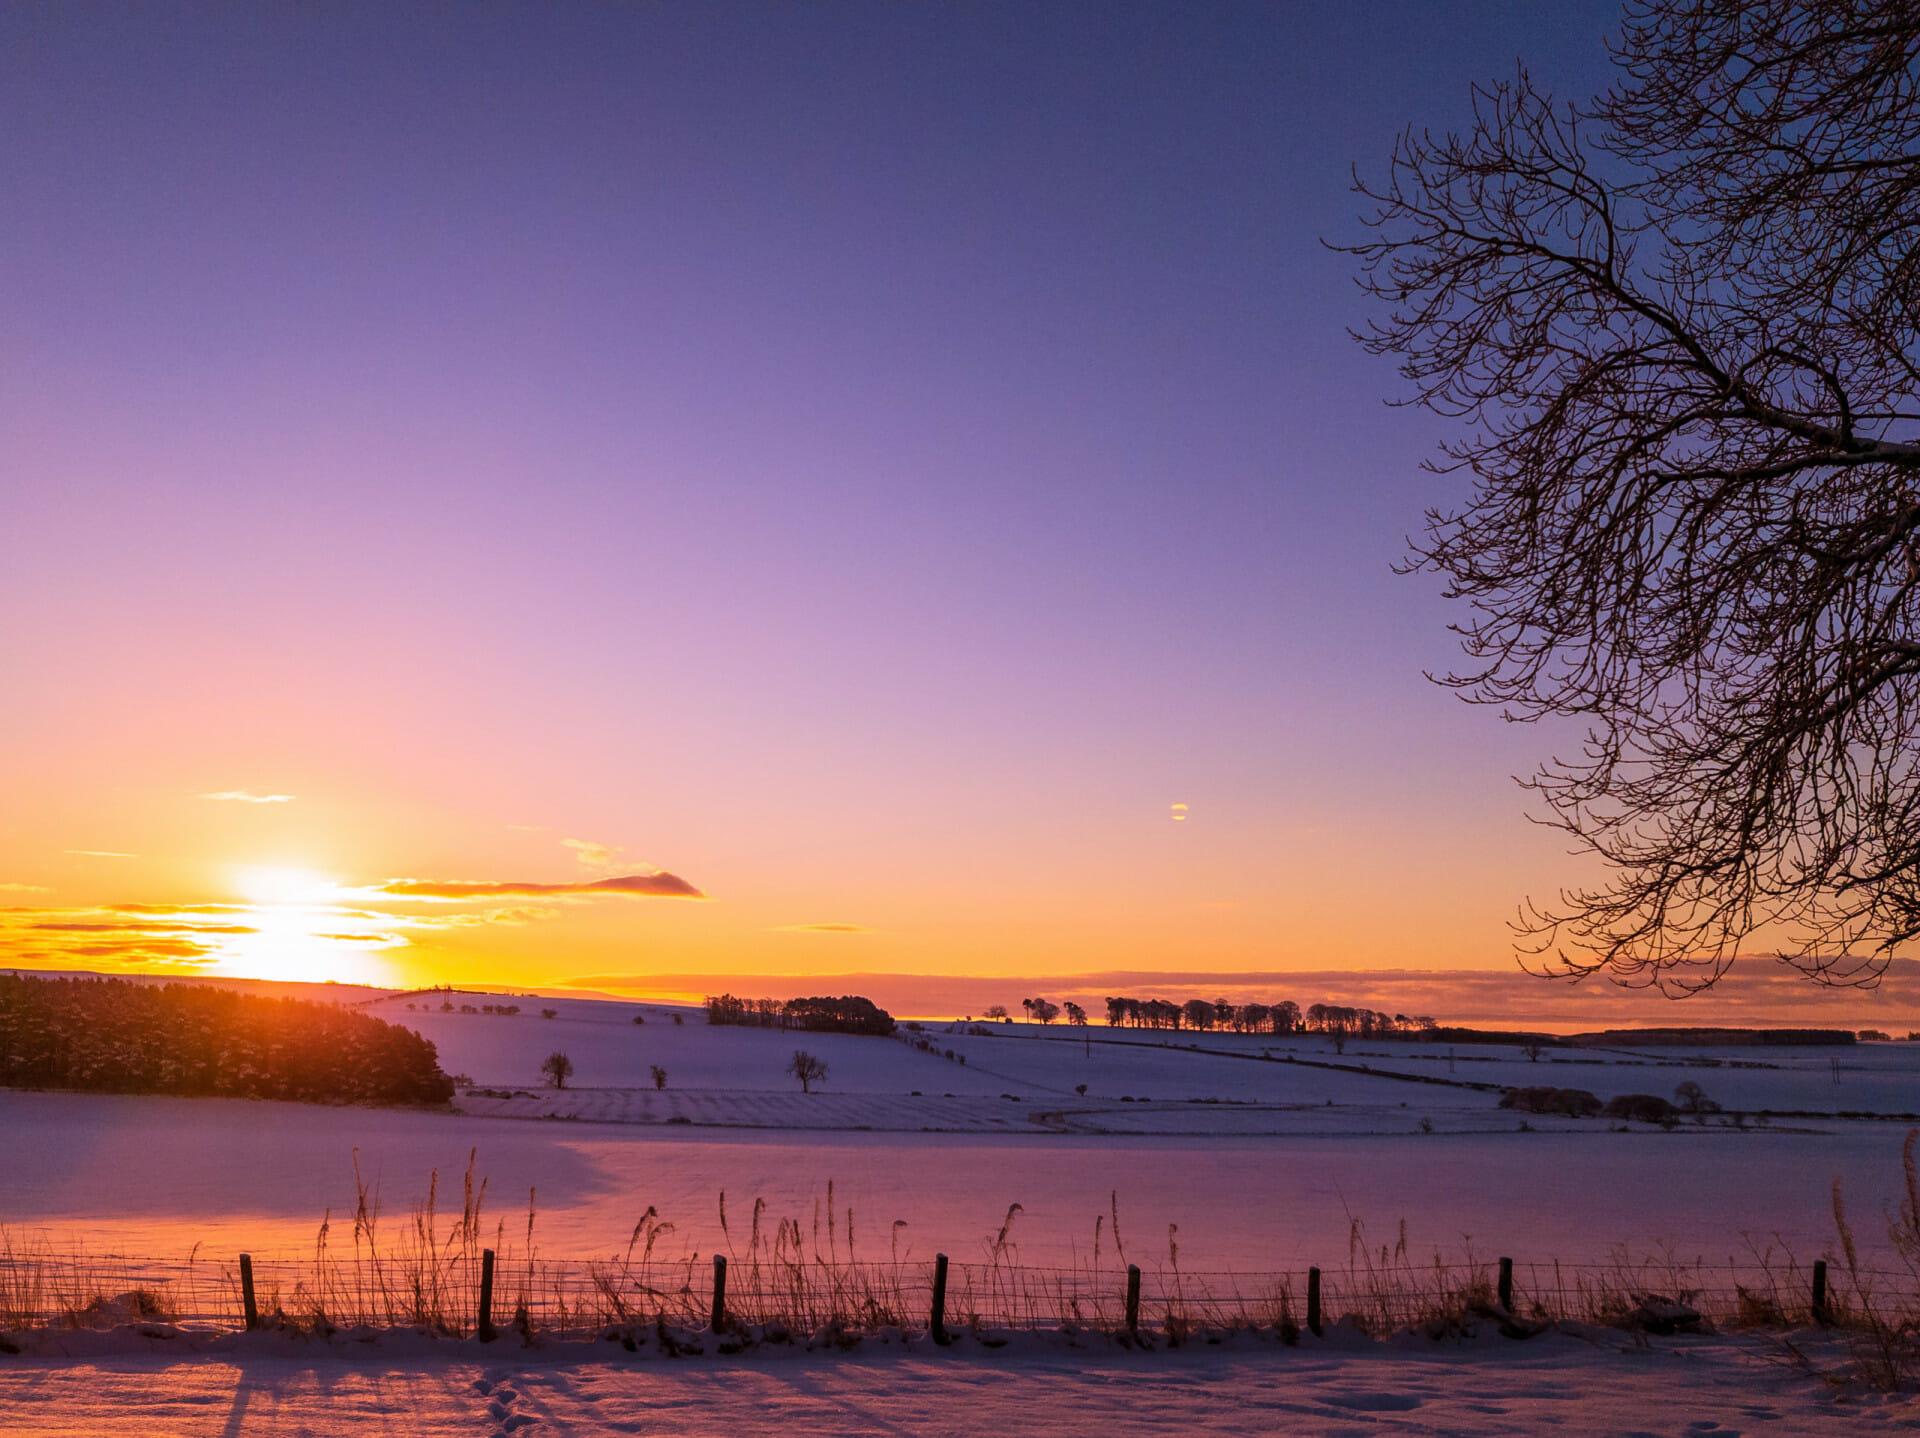 Winter sun shining on snowy landscape.